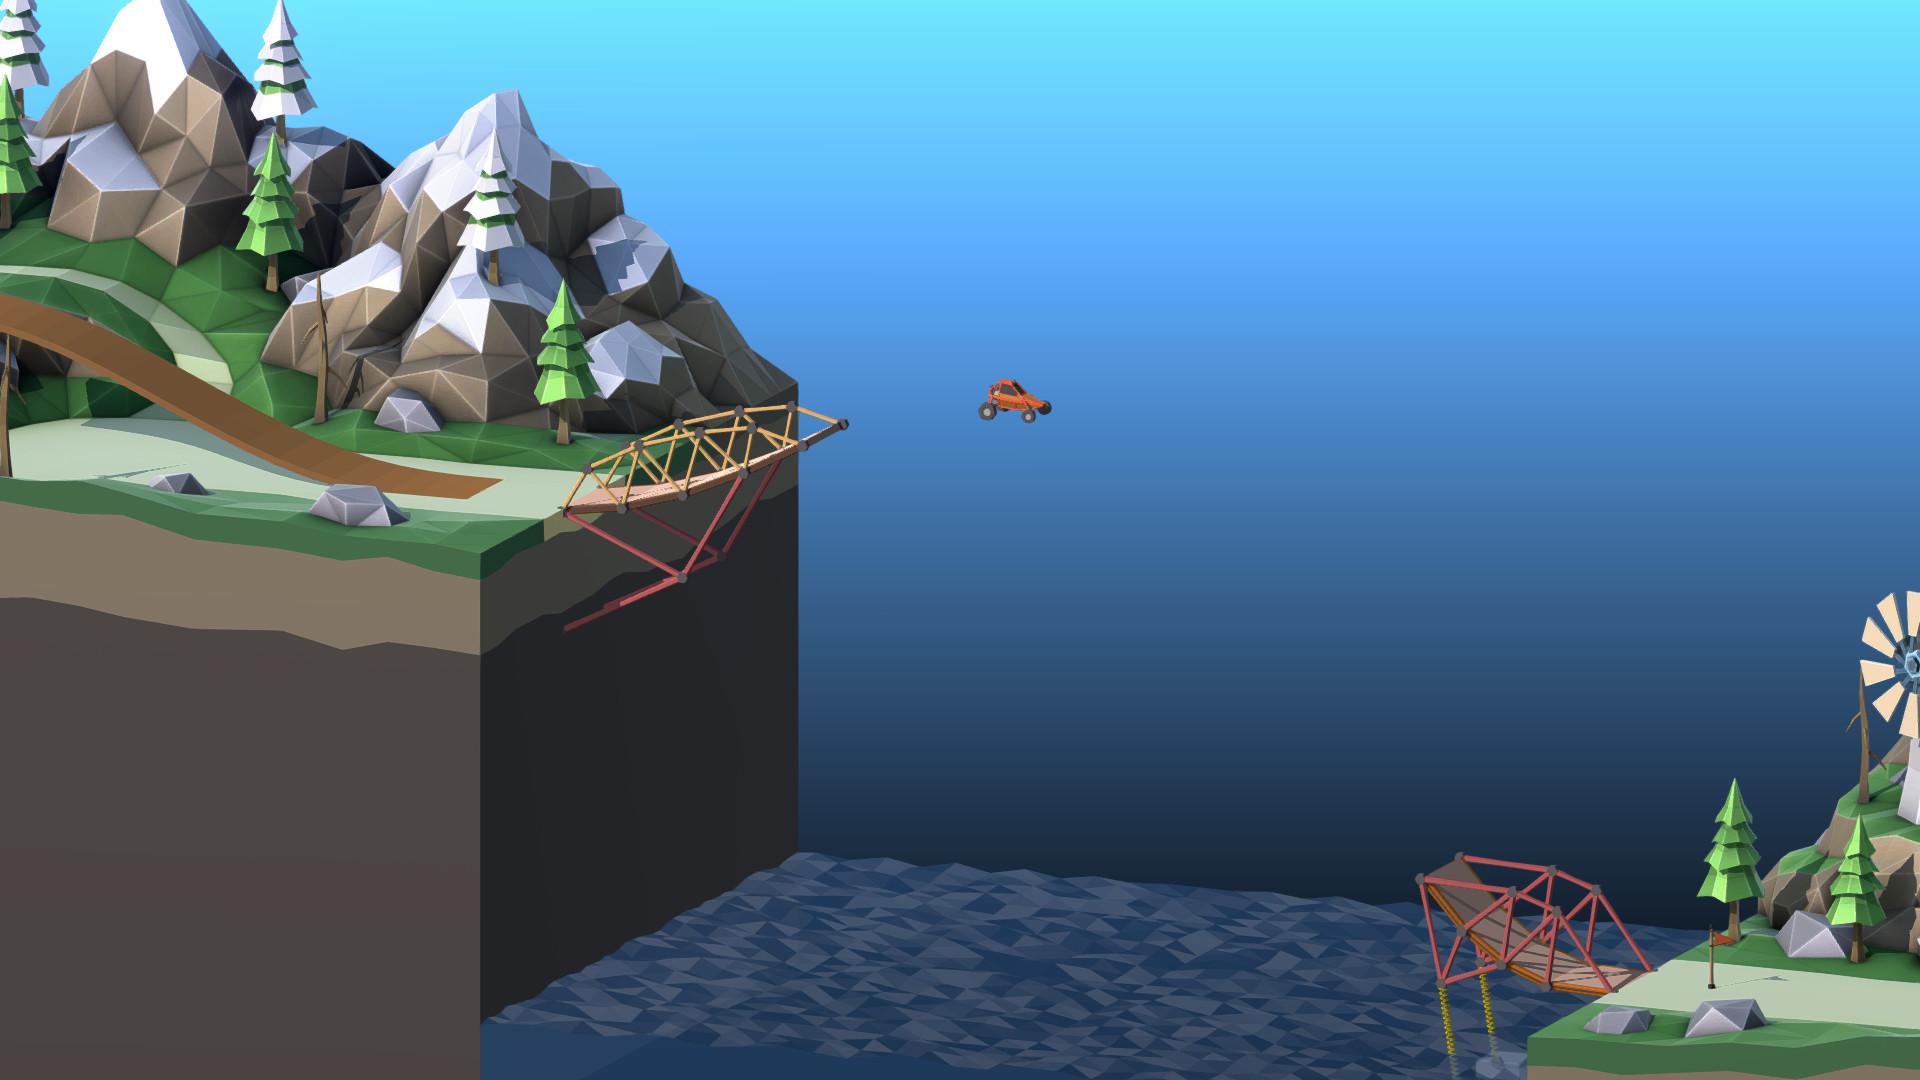 桥梁建筑师2插图4